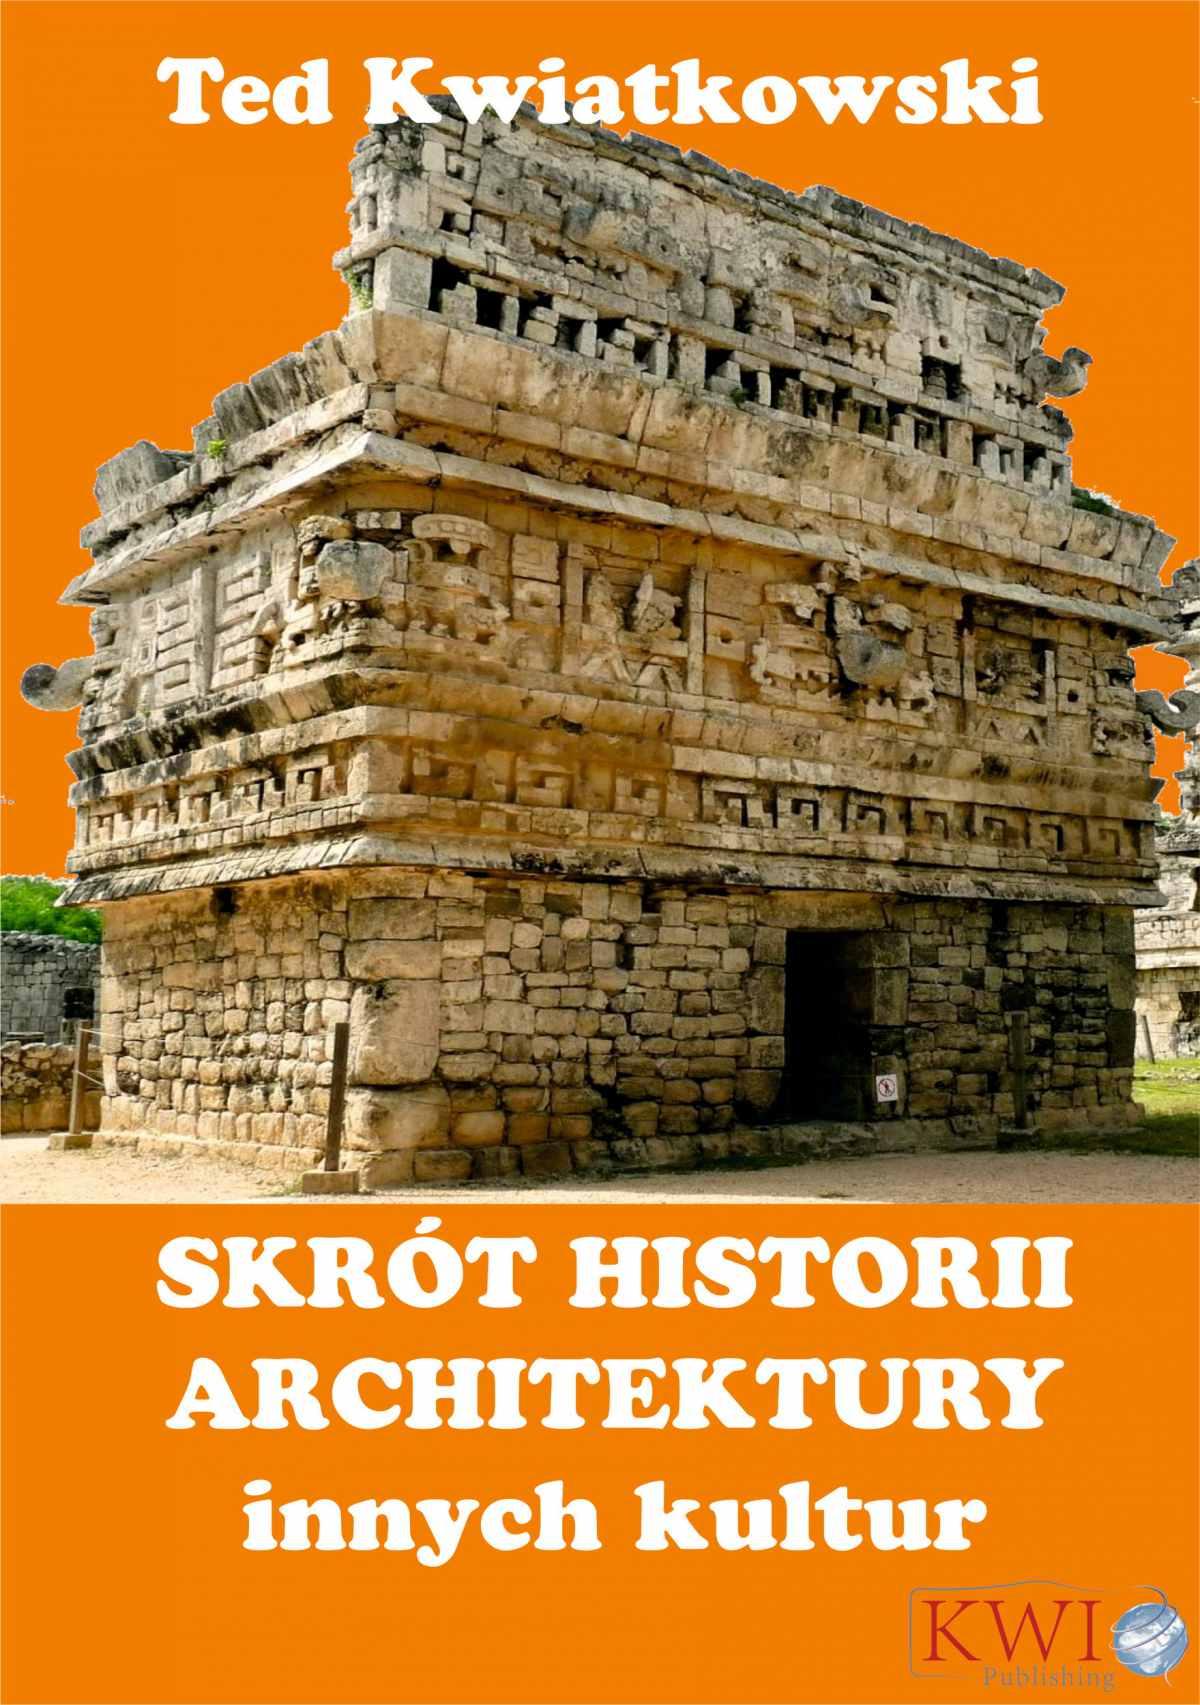 Skrót historii architektury innych kultur - Ebook (Książka na Kindle) do pobrania w formacie MOBI